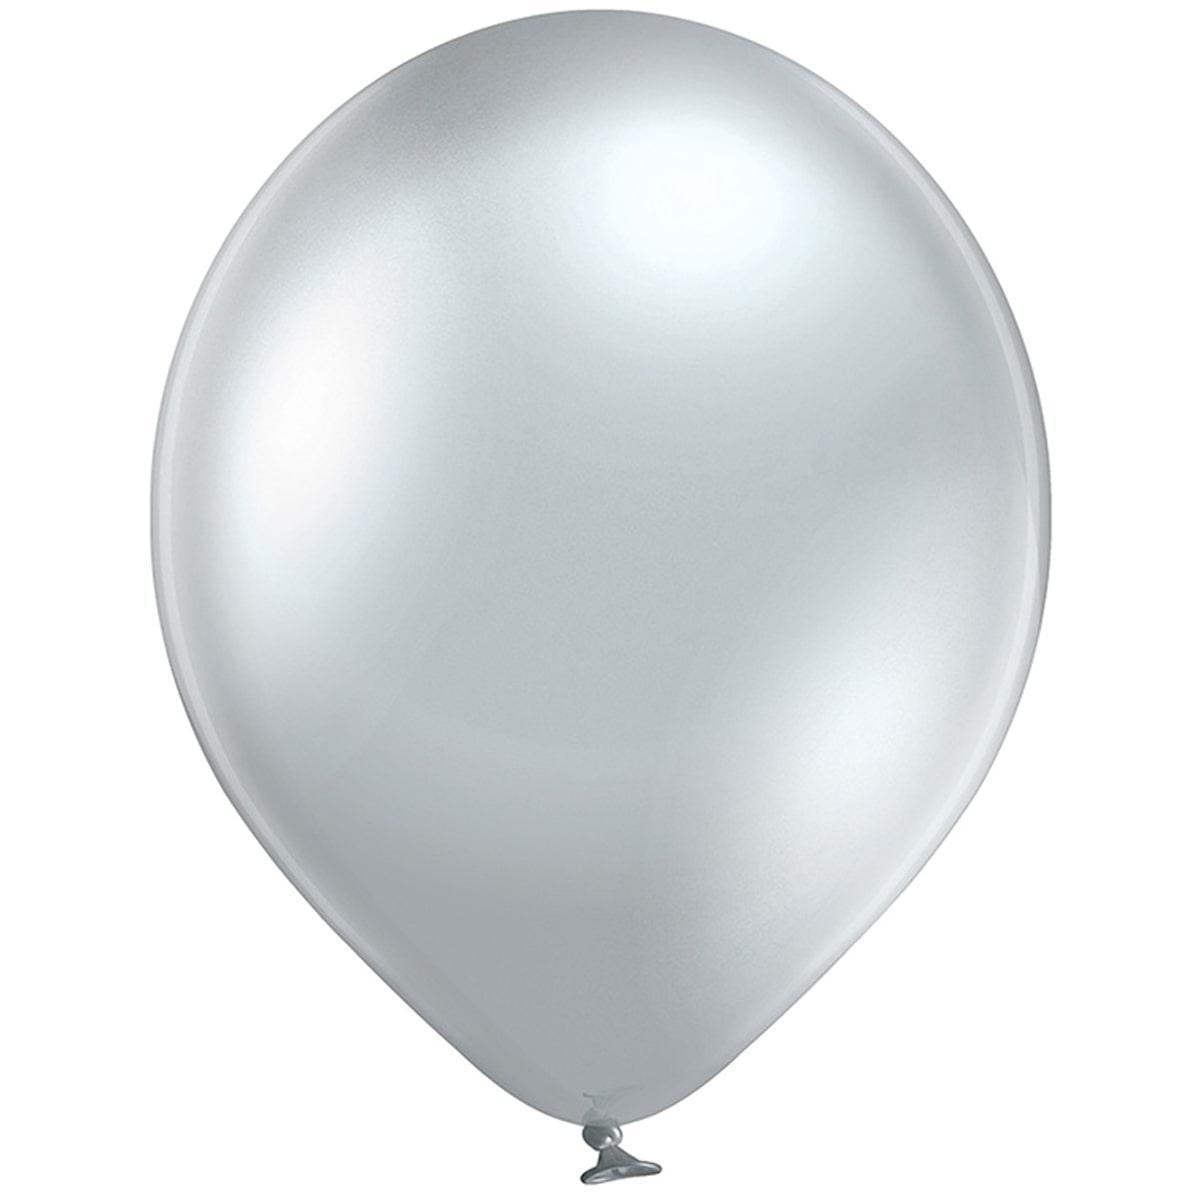 """В 12"""" 105/600 Хром Серебристый glossy silver. Латексные шары круглые без рисунка"""